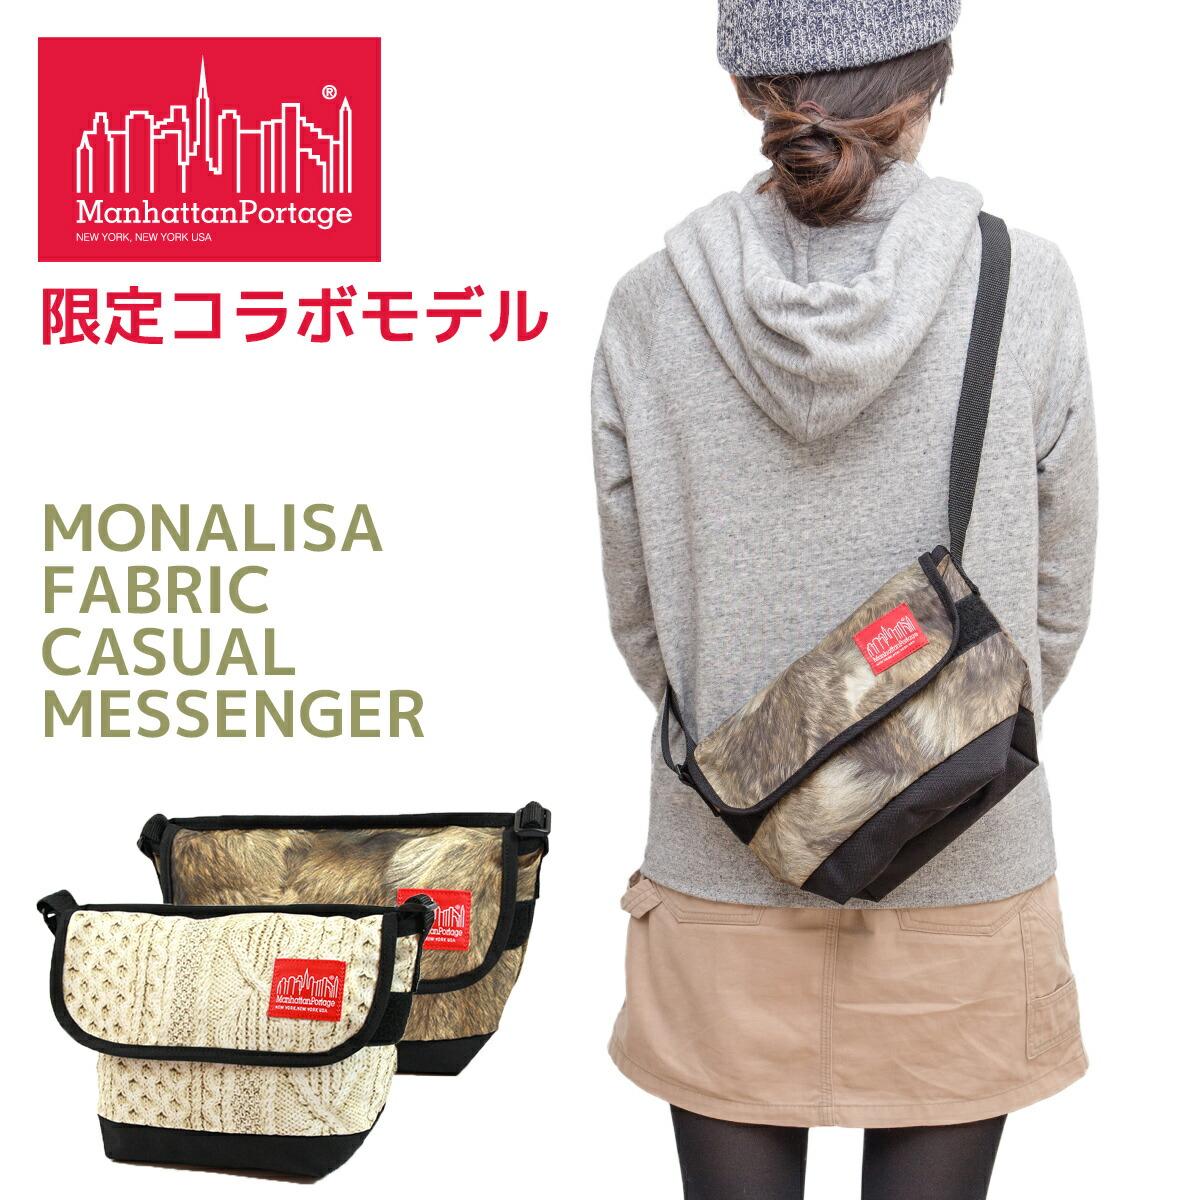 Manhattan Portage(マンハッタンポーテージ)/メッセンジャーバッグ/MONALISA Fabric Casual Messenger Bag/MP1603MNL/メイン